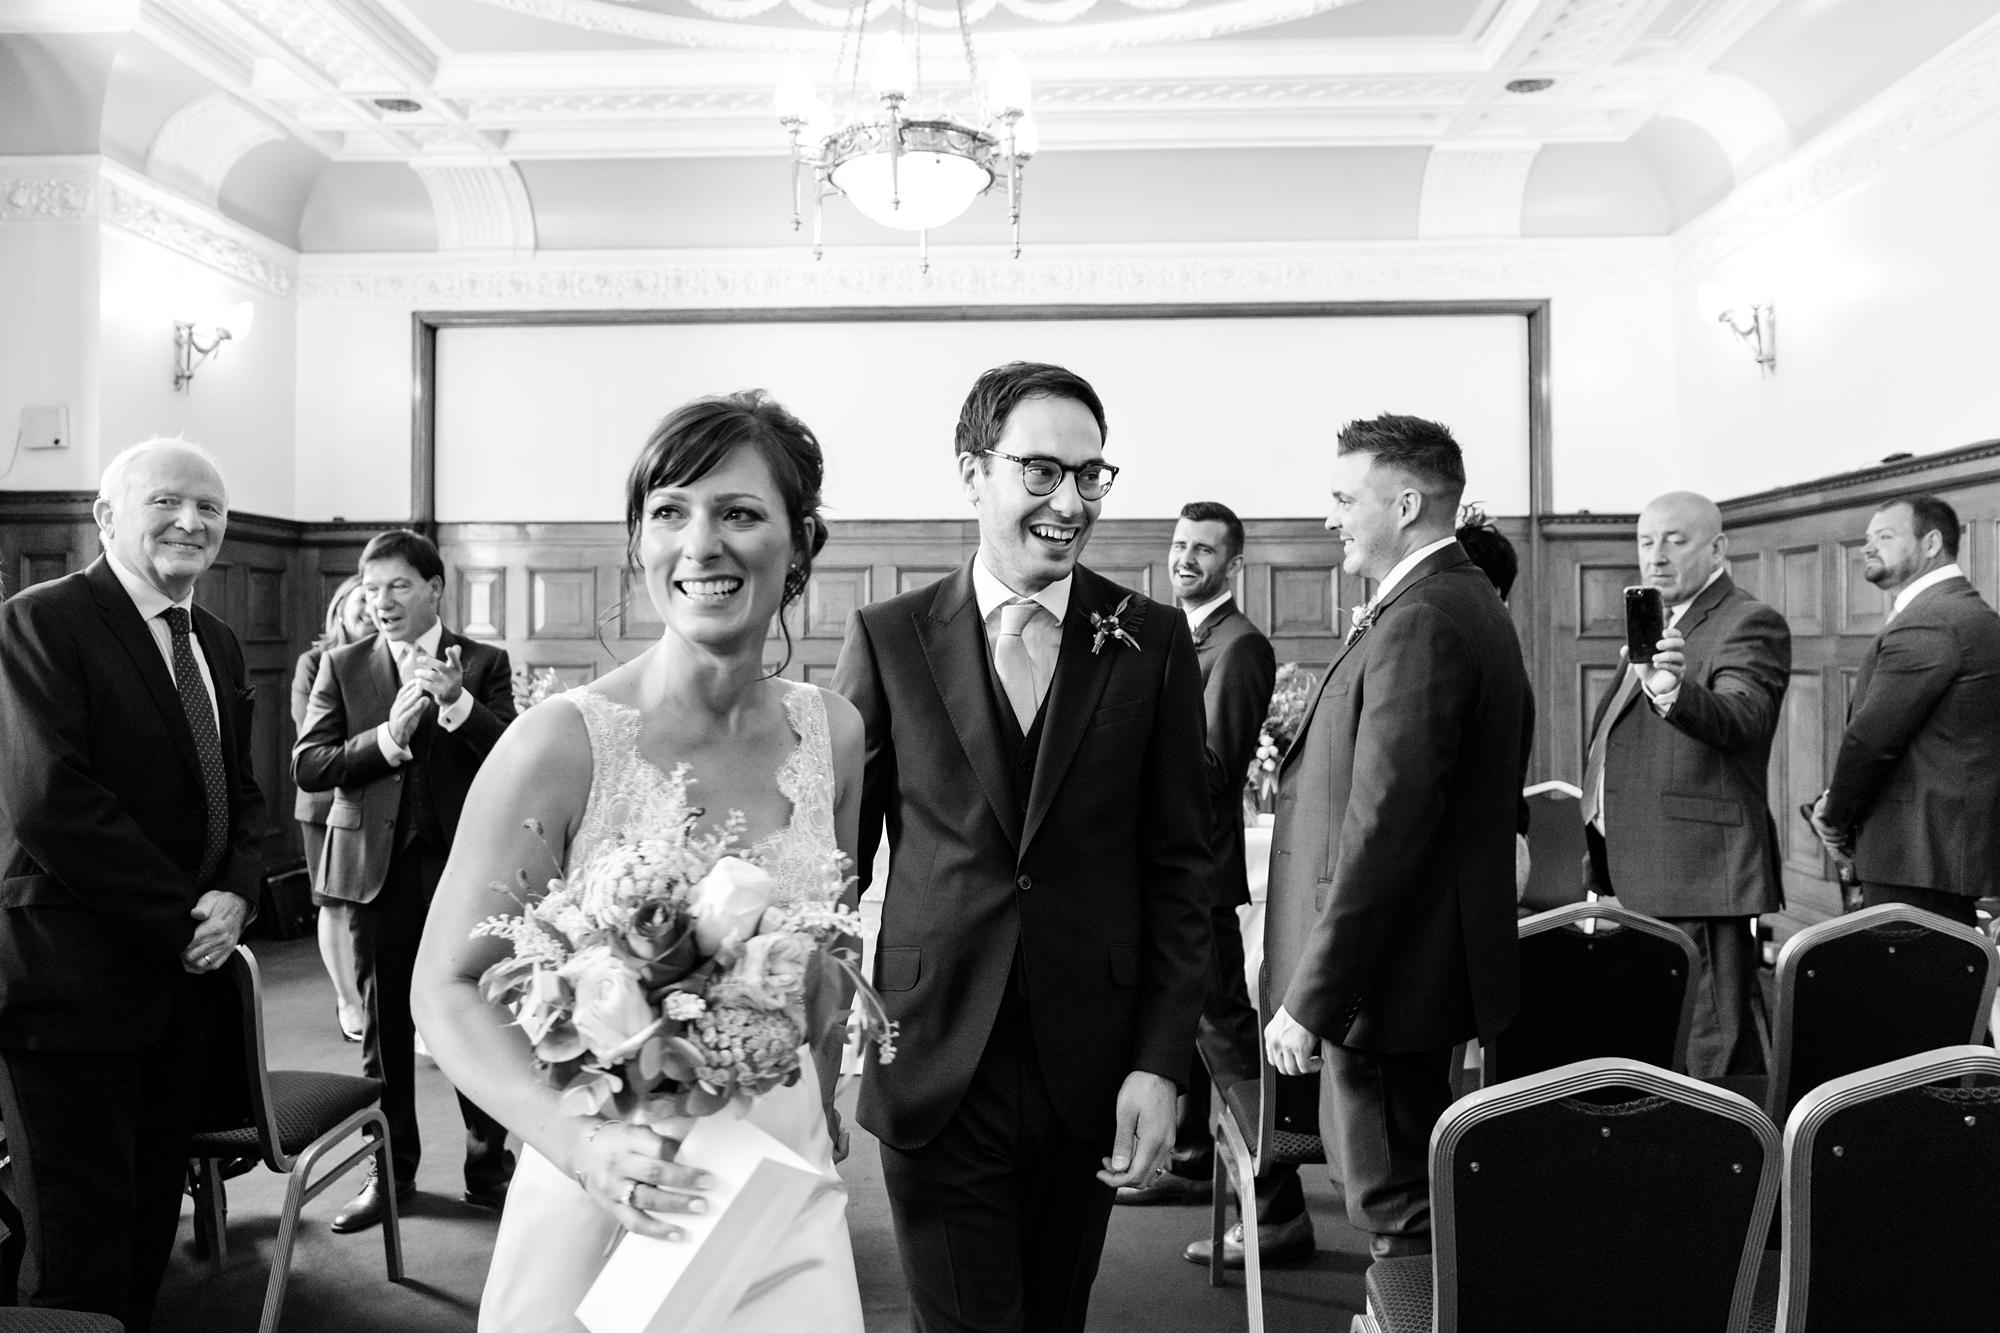 York & Albany Wedding Photography walk up aisle